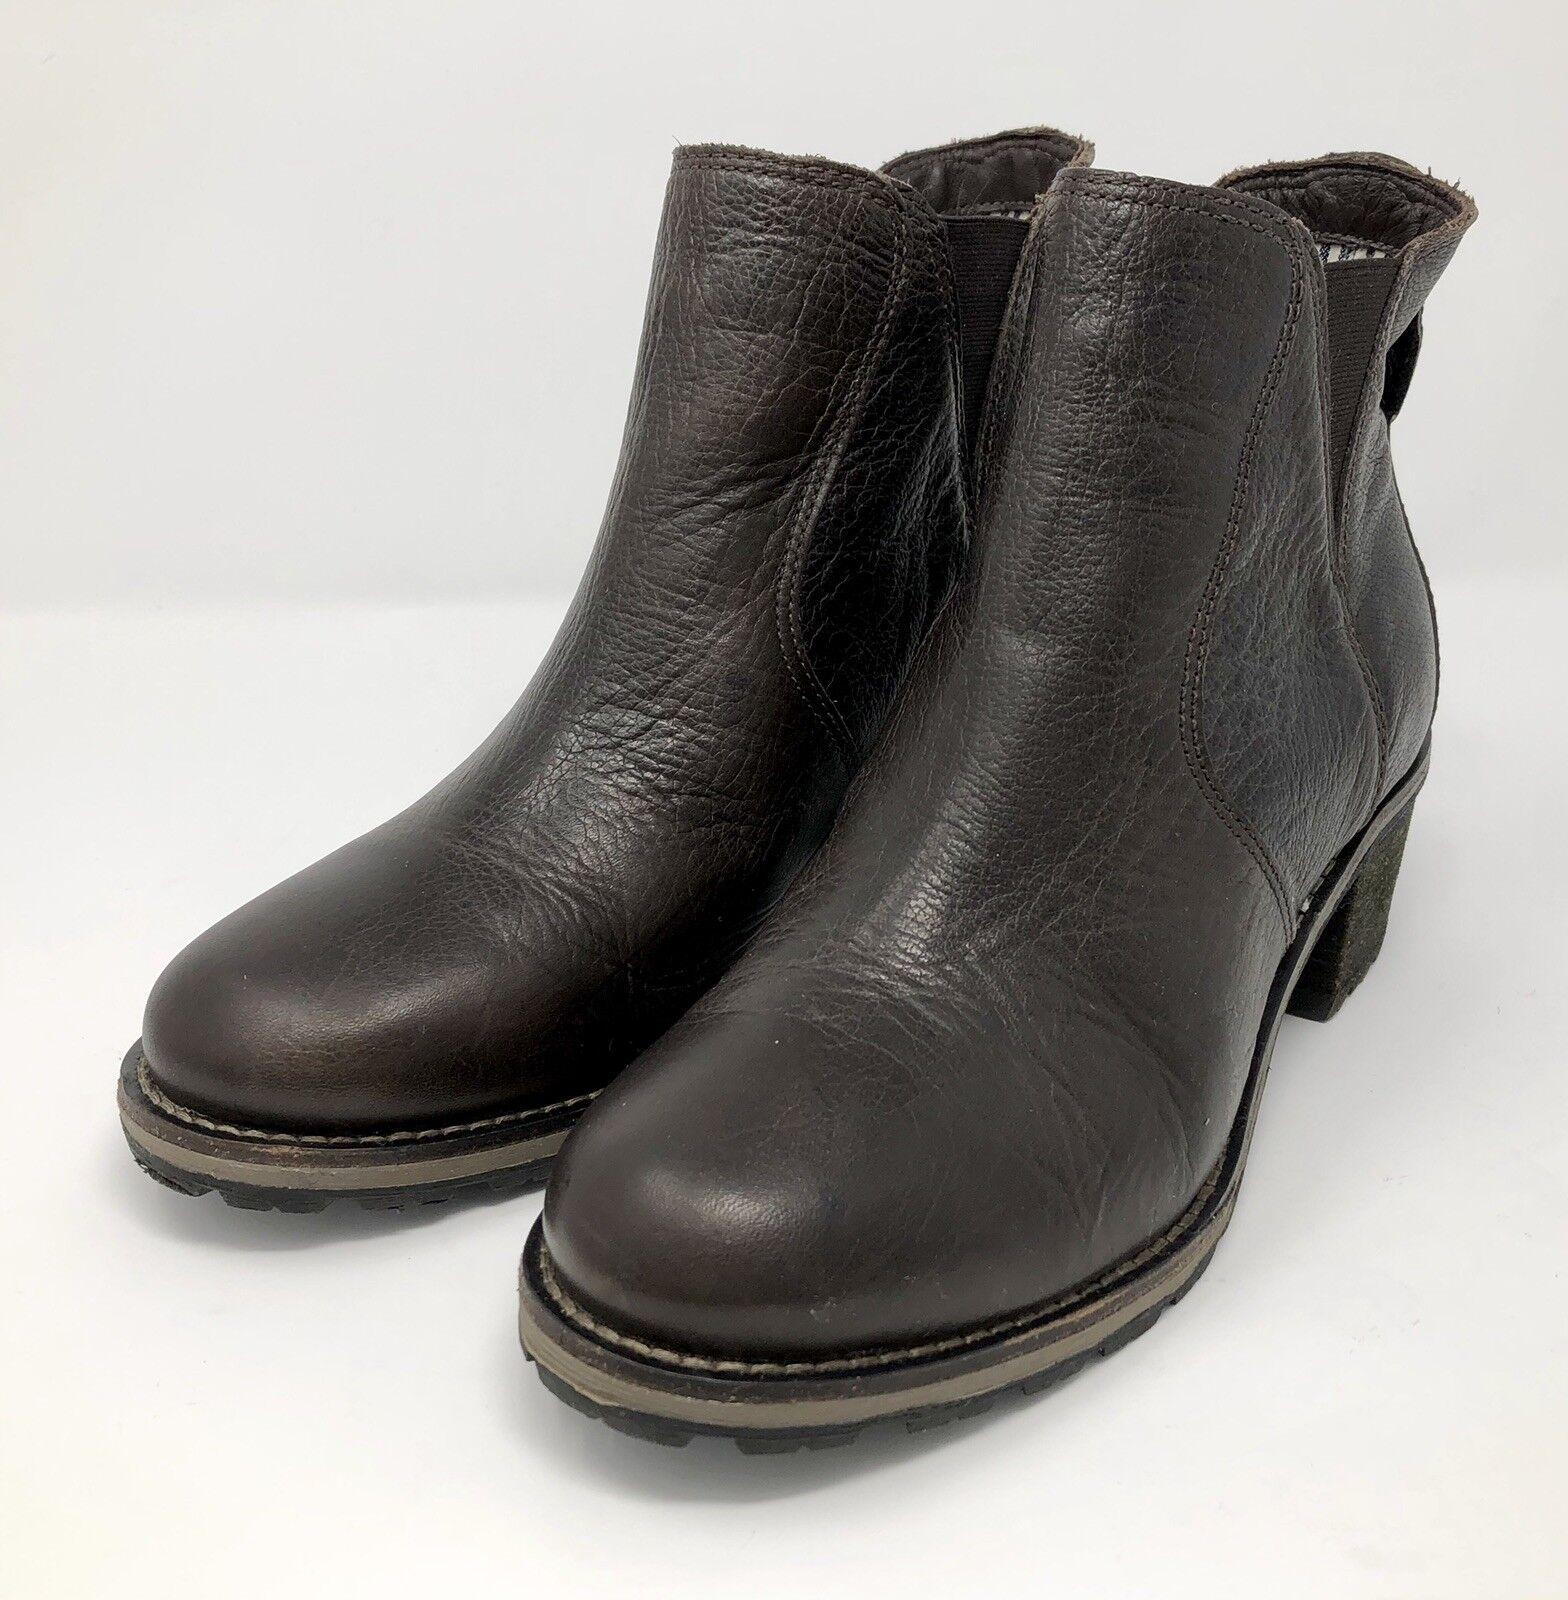 Ll Bean para mujer W (D) botas al Tobillo Marrón Cuero Chelsea Tirar de Deerfield